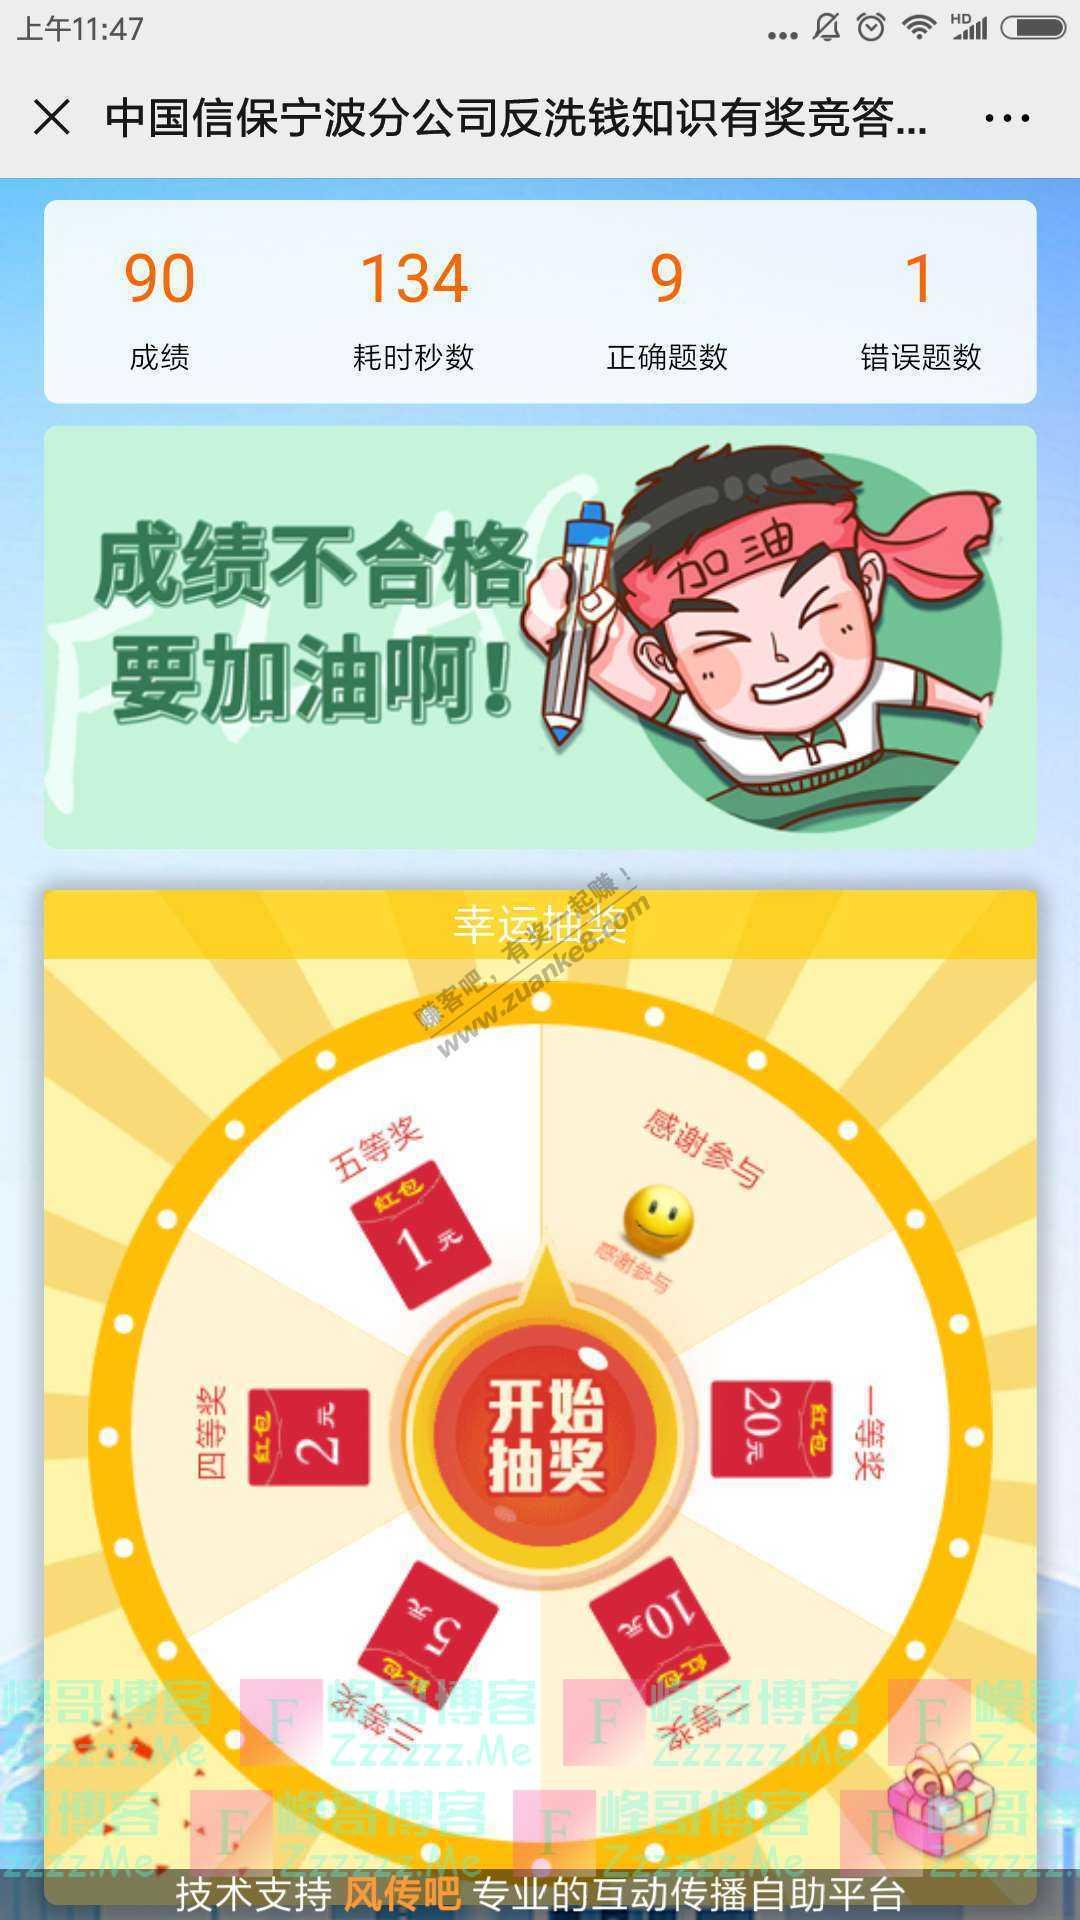 中国信保宁波分公司反洗 钱知识有奖竞答活动(截止10月28日)